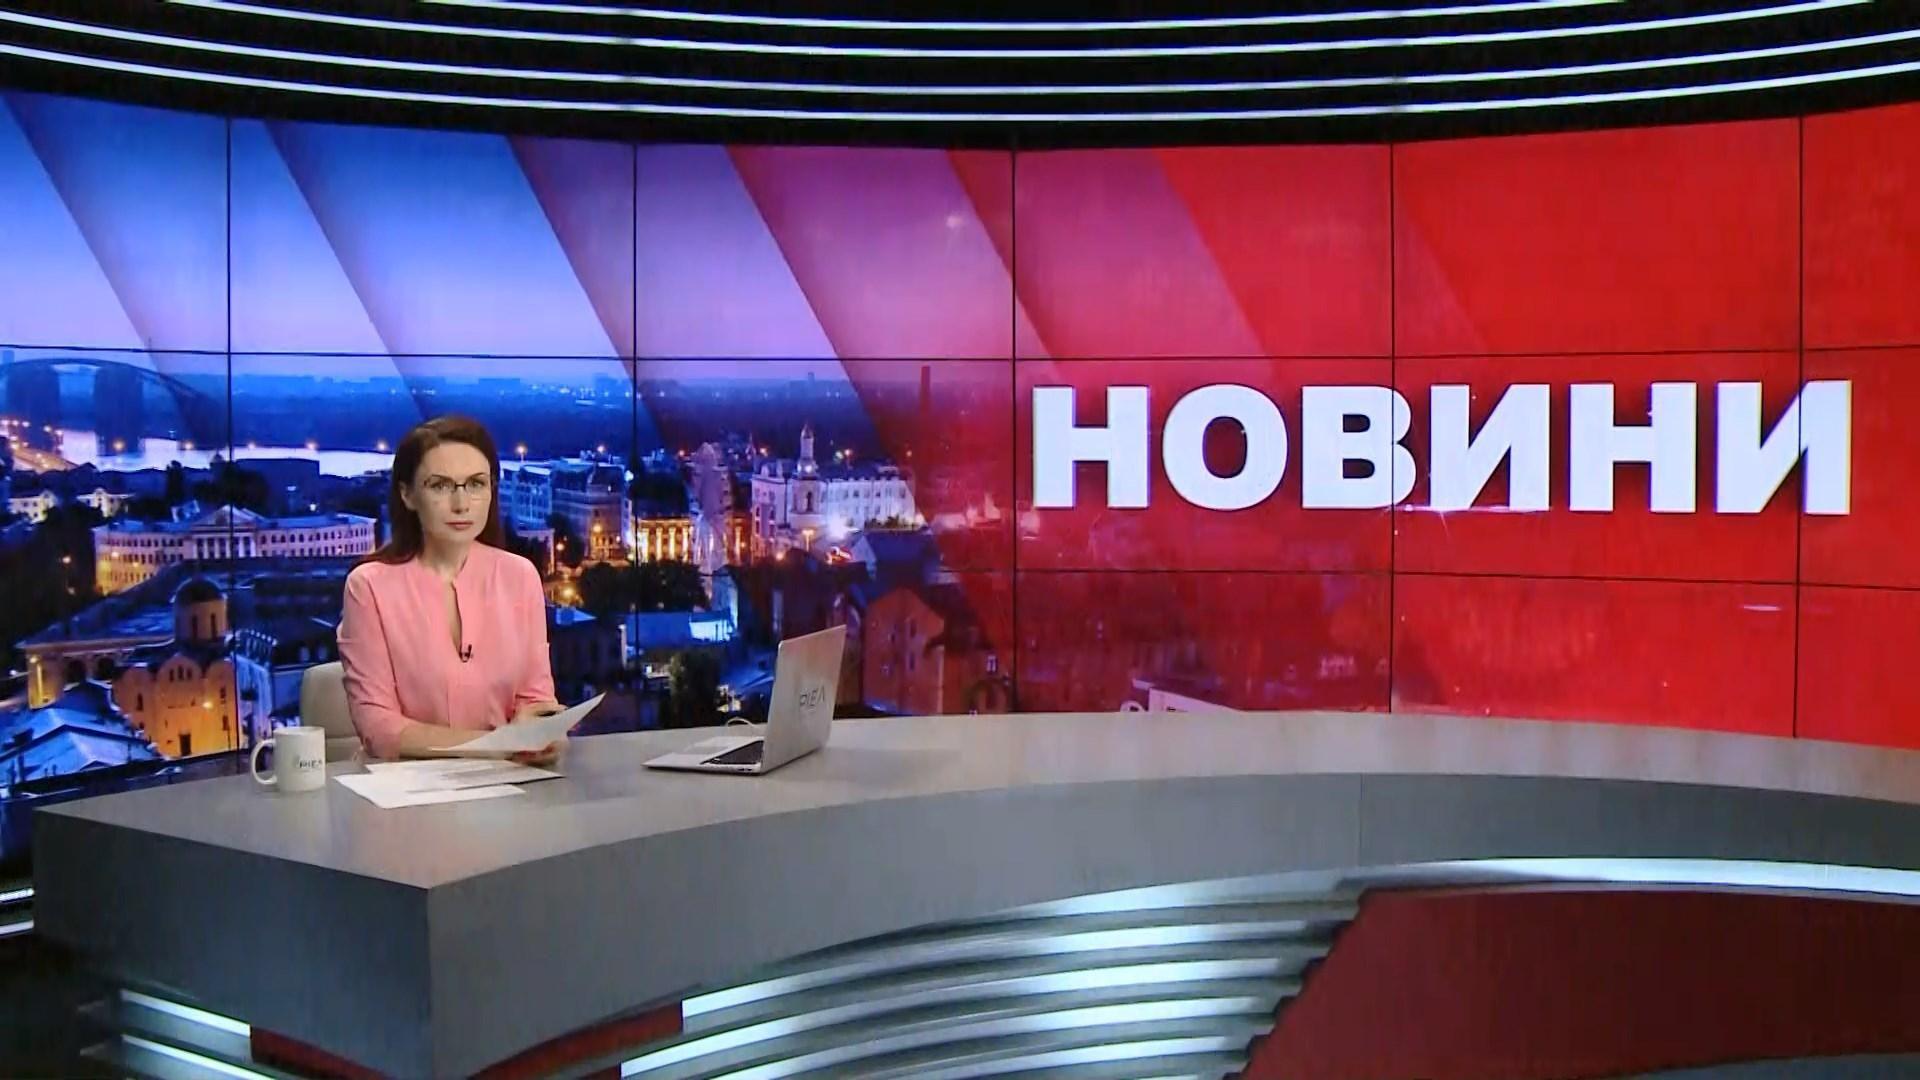 Итоговый выпуск новостей за 21:00: Поджог авто в Ужгороде. Кототерапия в Черкассах - Новости Ужгород - 24 Канал